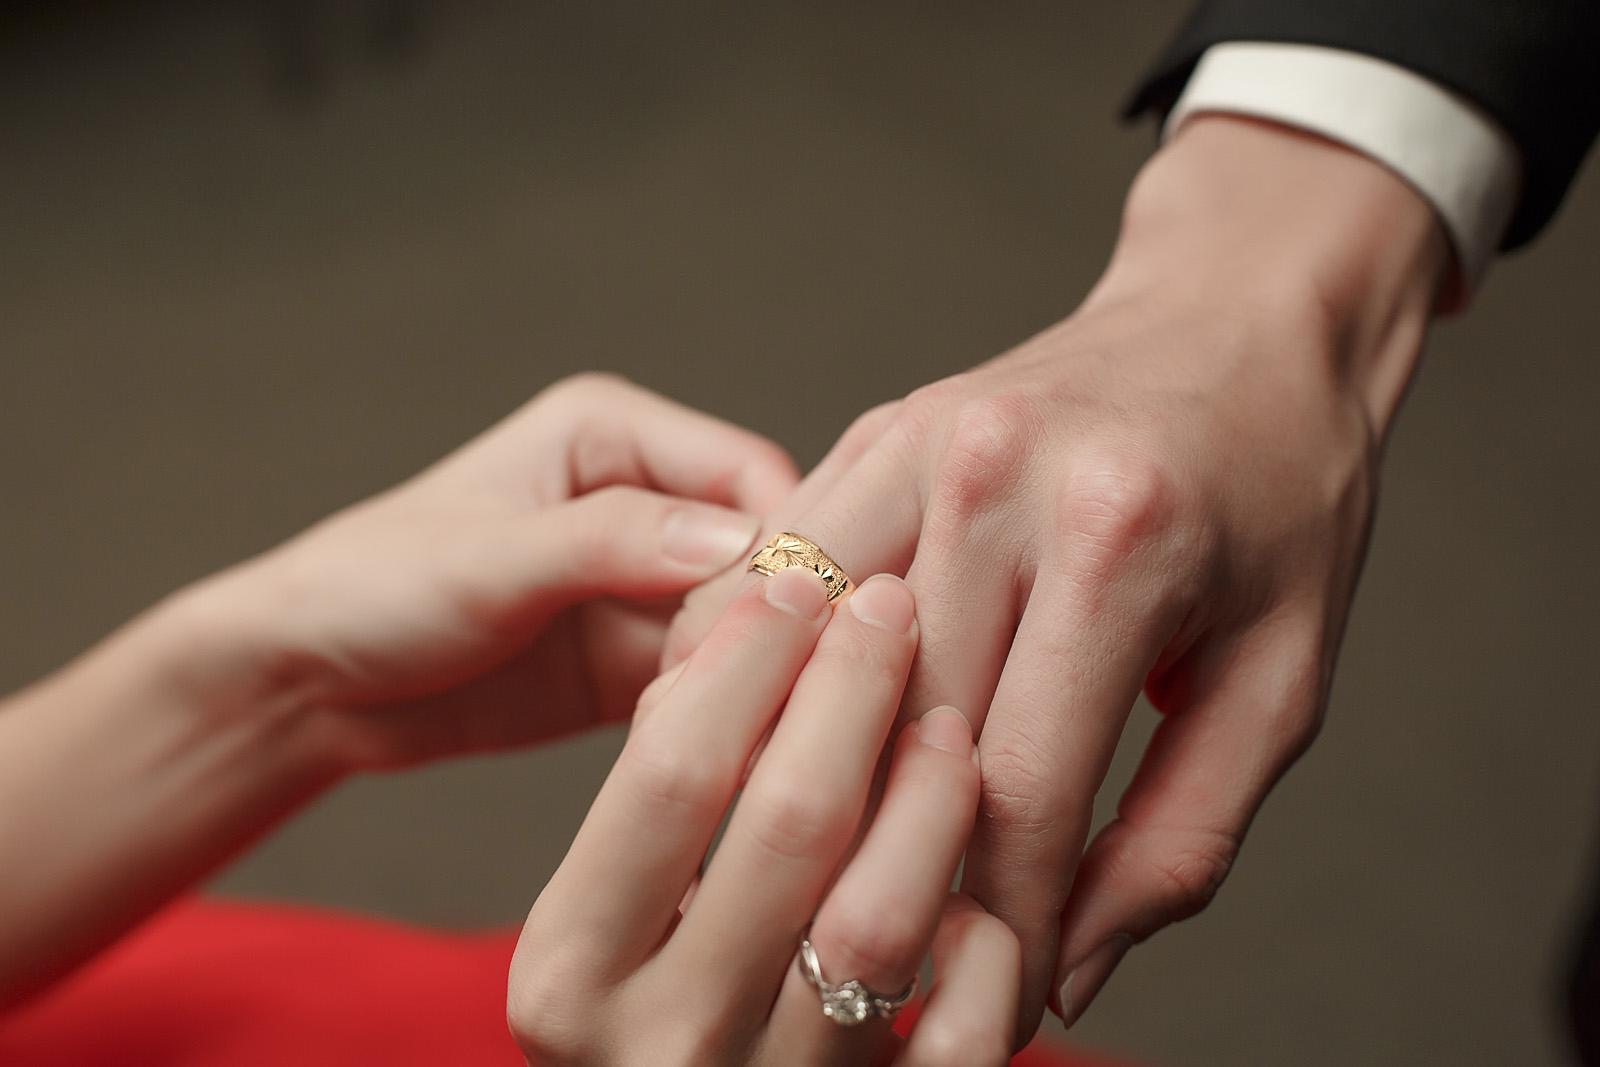 高雄圓山飯店,婚禮攝影,婚攝,高雄婚攝,優質婚攝推薦,Jen&Ethan-033